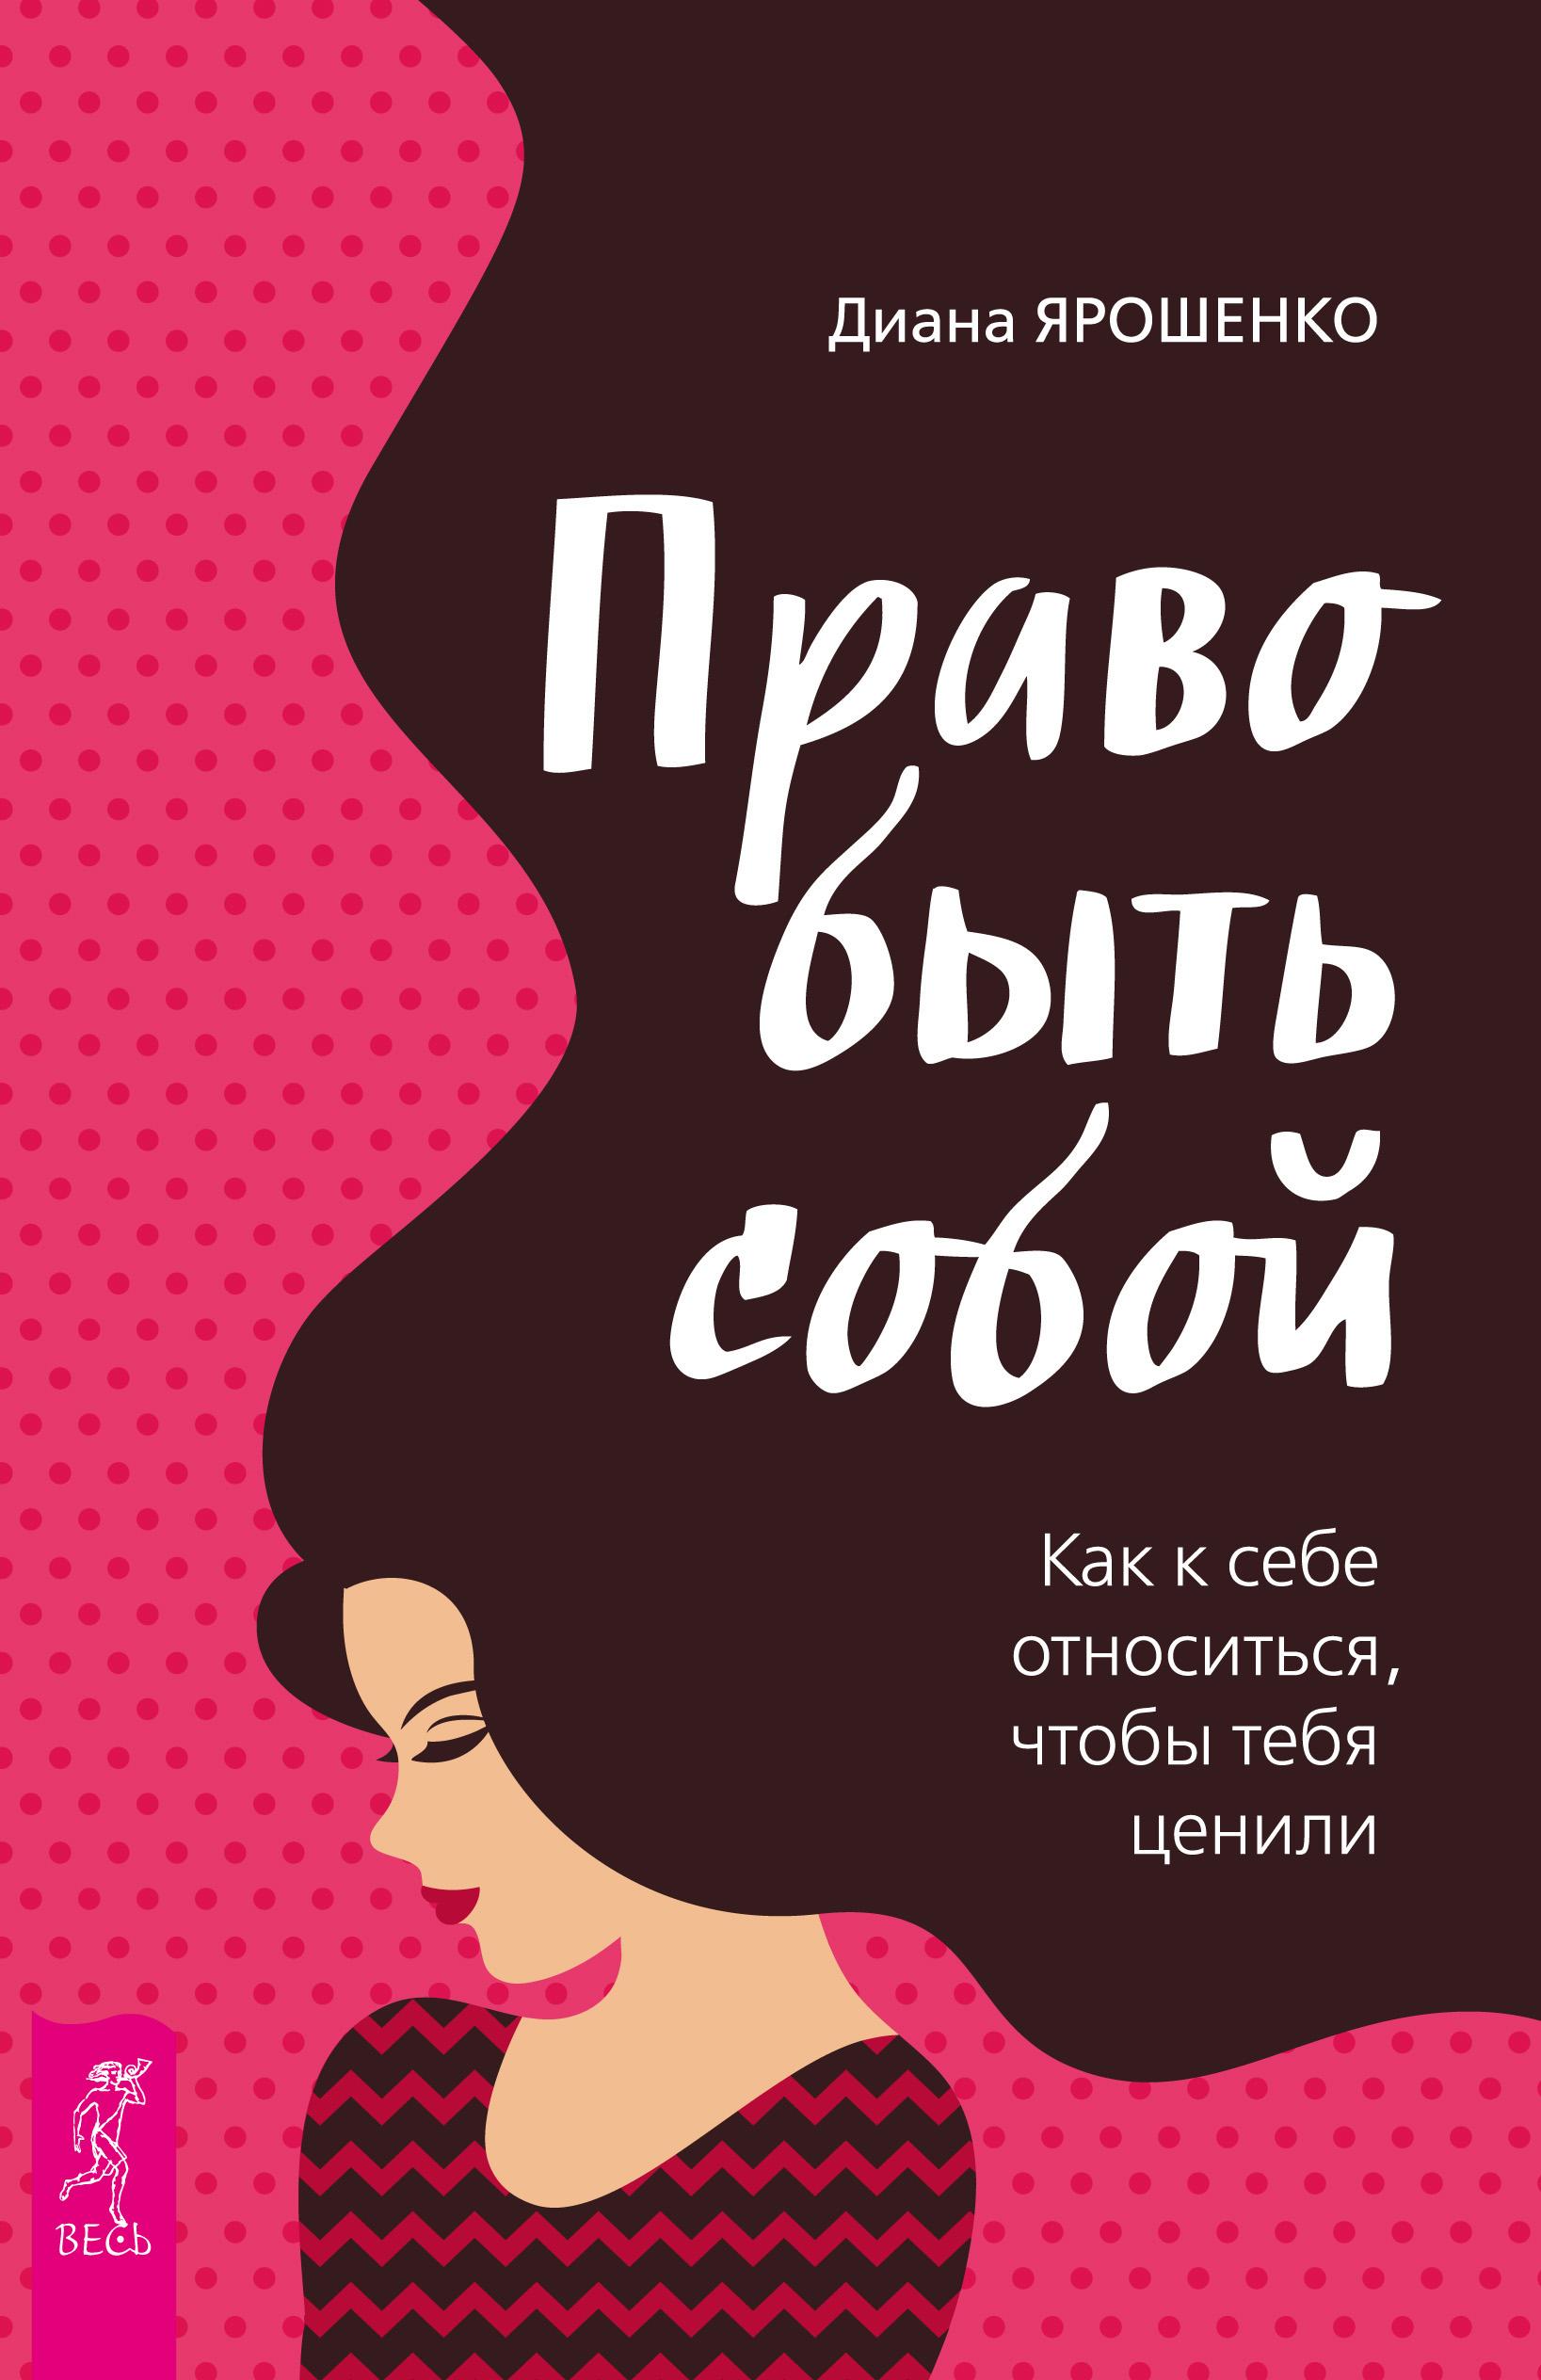 Диана Ярошенко Право быть собой. Как к себе относиться, чтобы тебя ценили ярошенко д право быть собой как к себе относиться чтобы тебя ценили